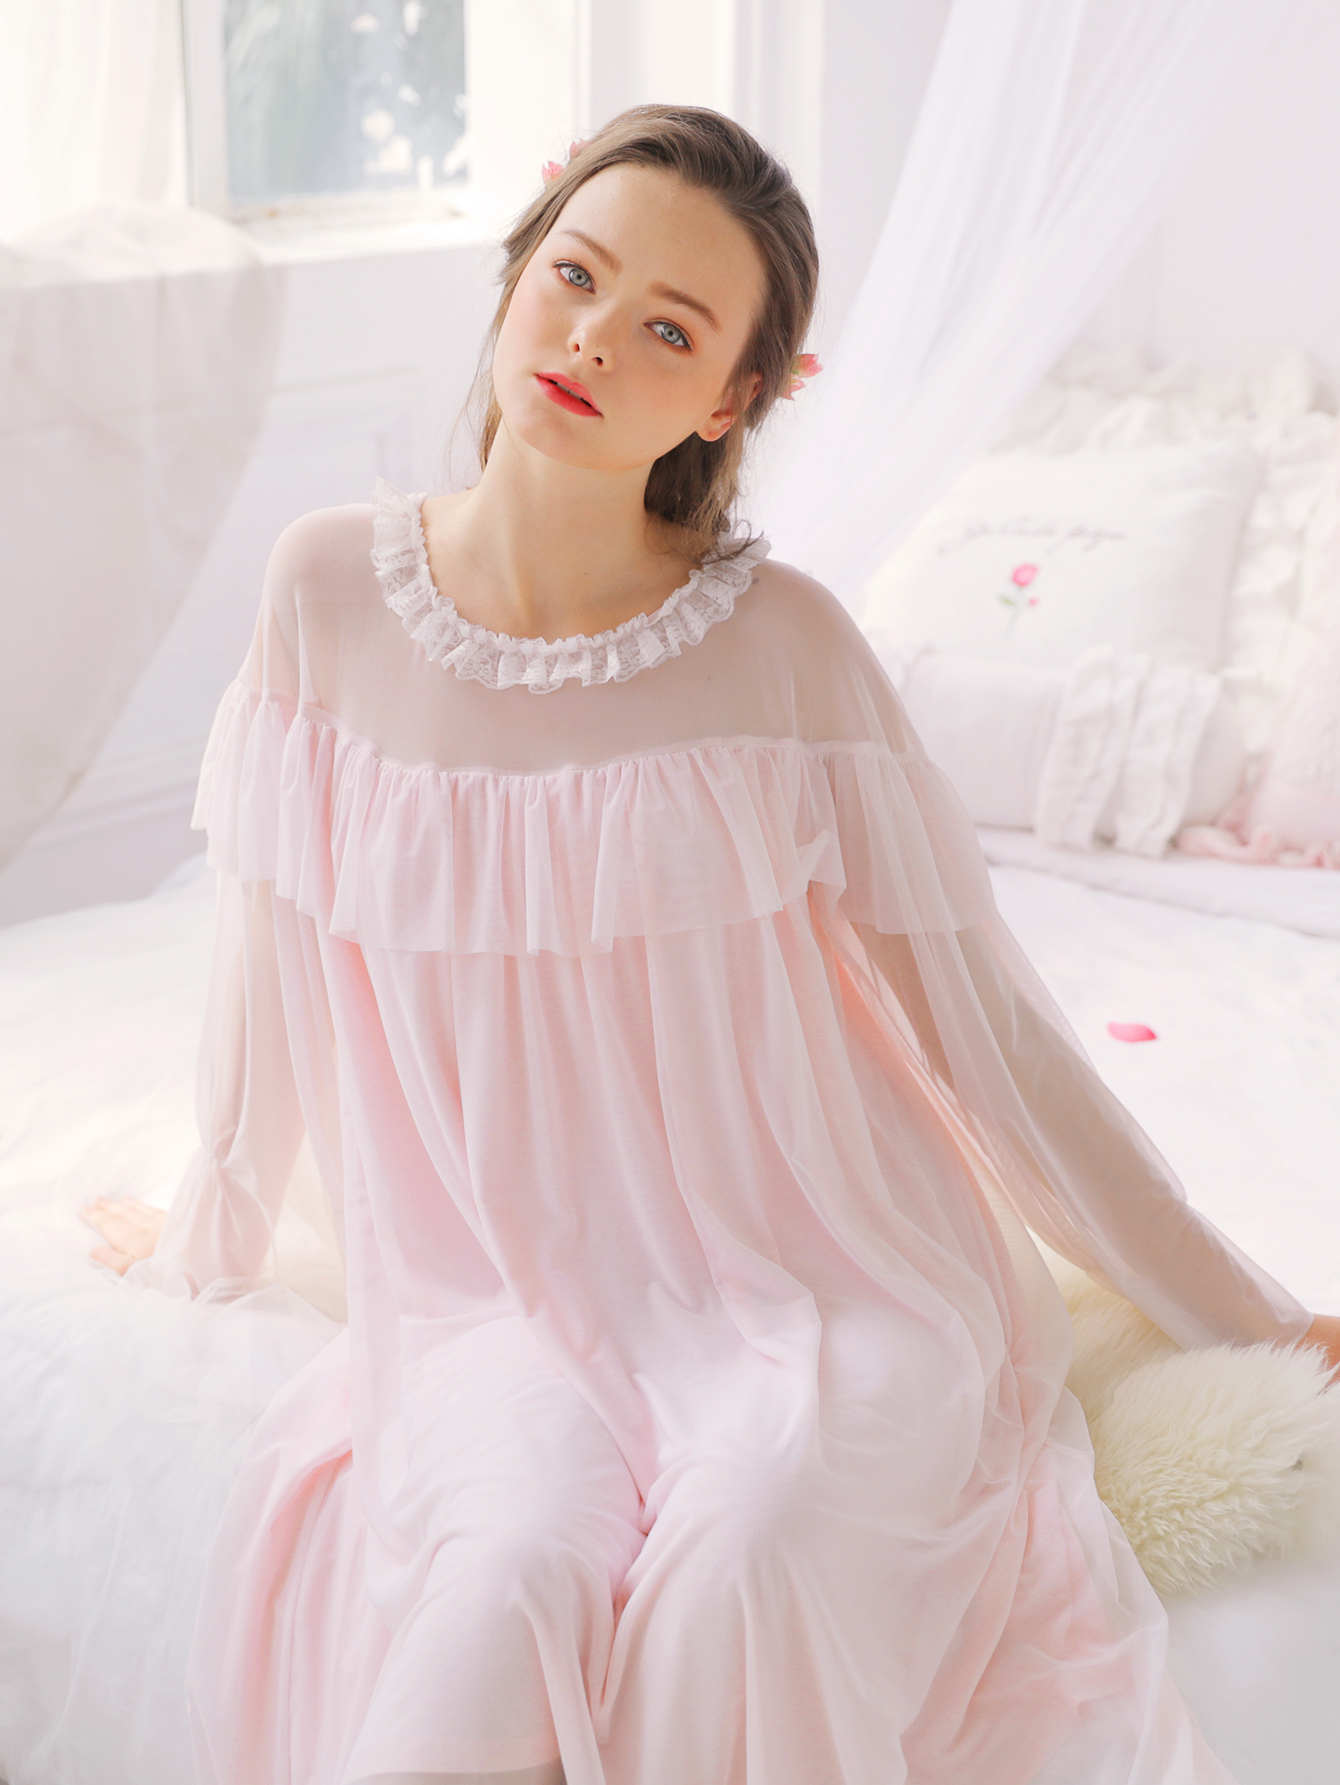 Contrast Mesh Ruffle Hem Night Dress ballu bhc l06 s03